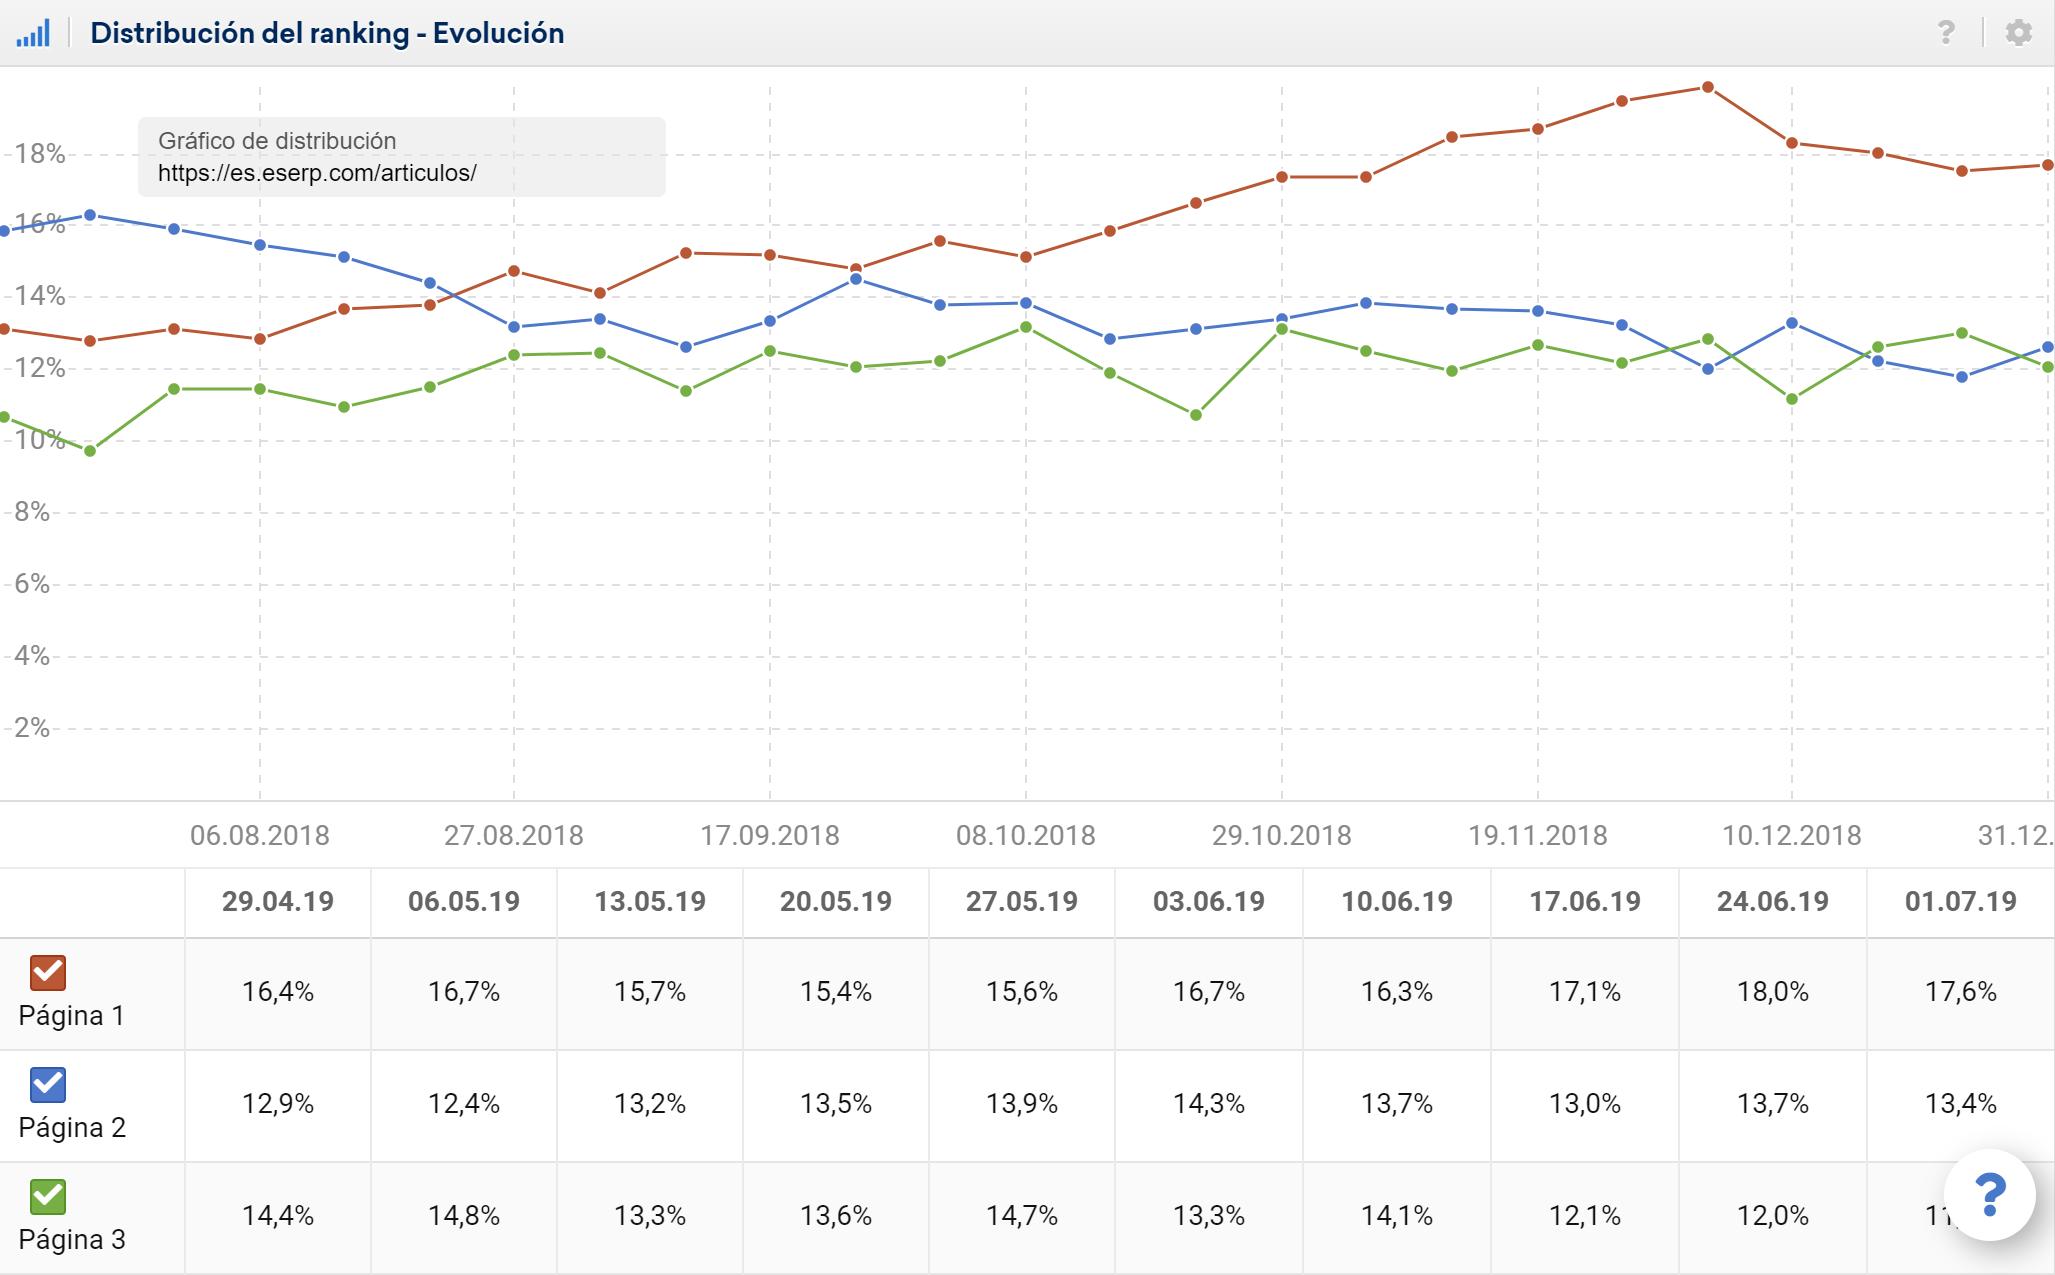 Distribución de los rankings en Google.es de eserp.com/articulos/